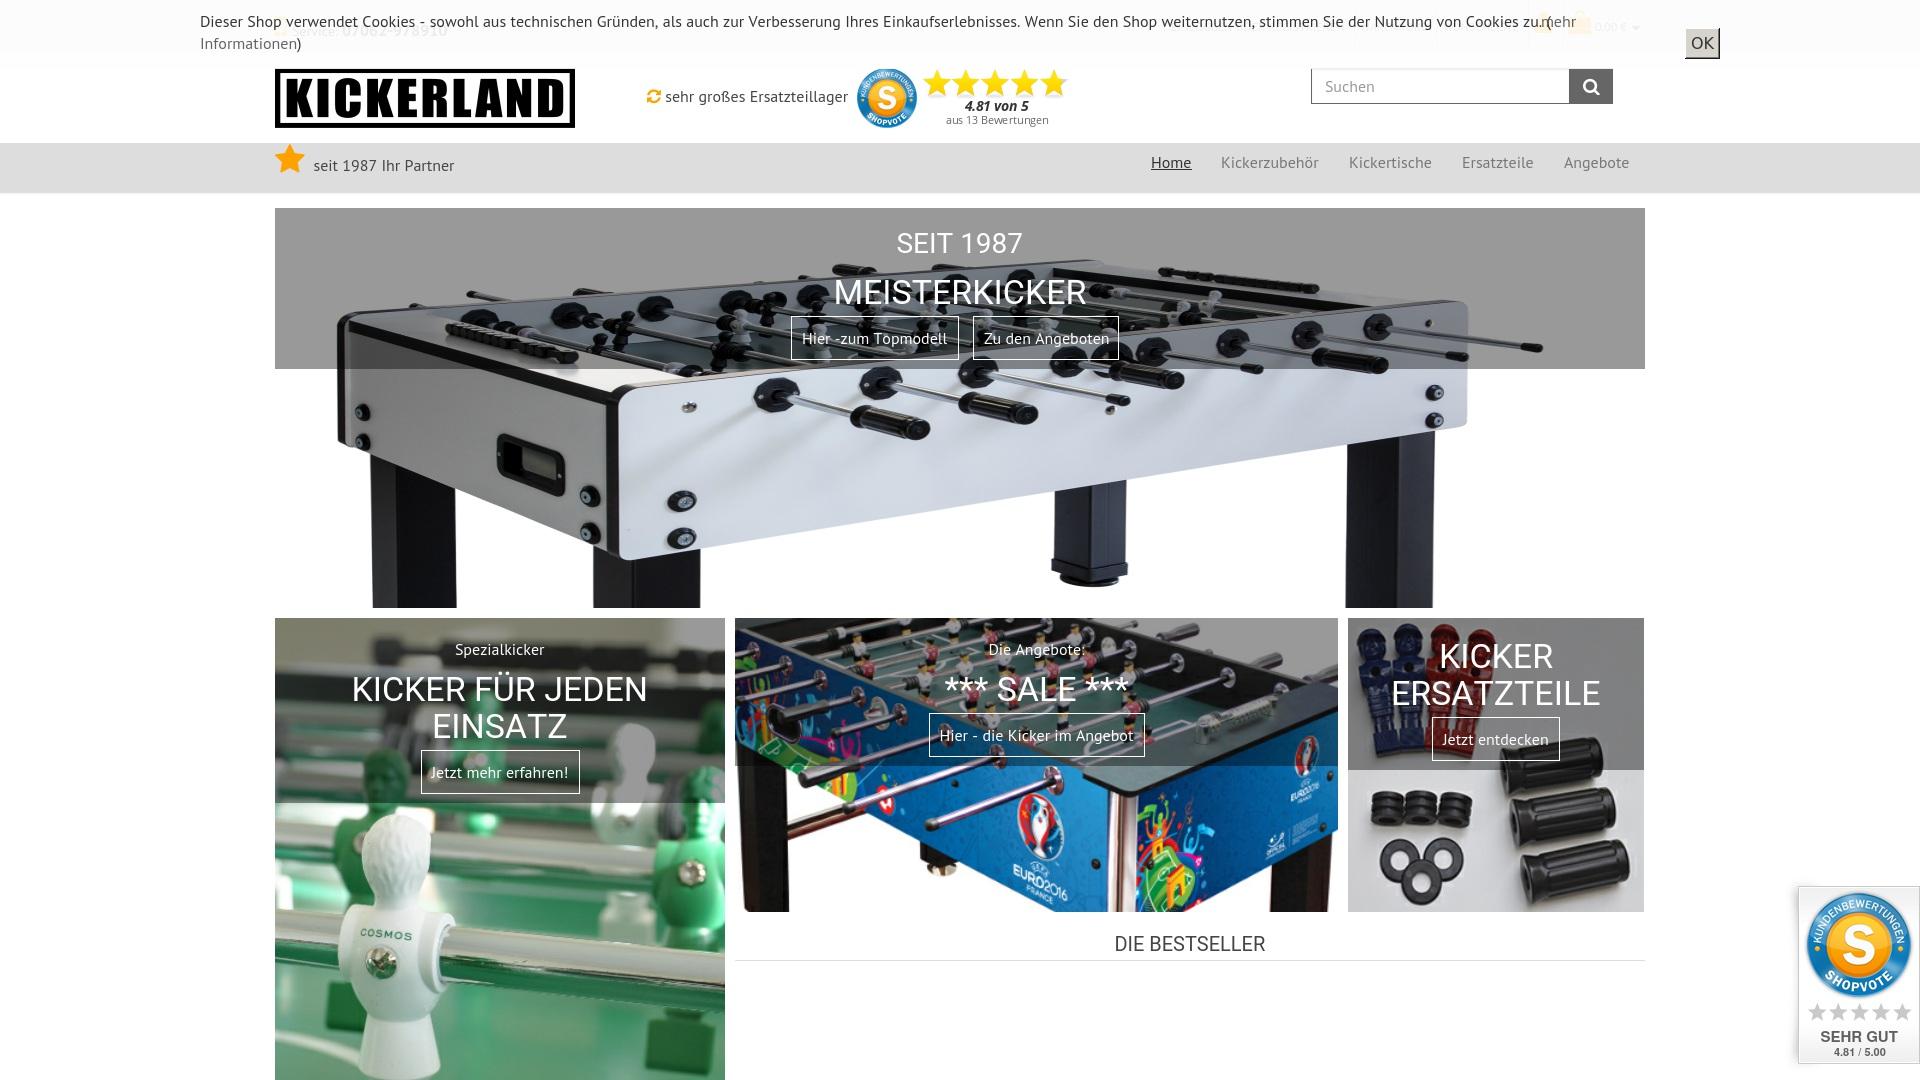 Gutschein für Kickerland: Rabatte für  Kickerland sichern